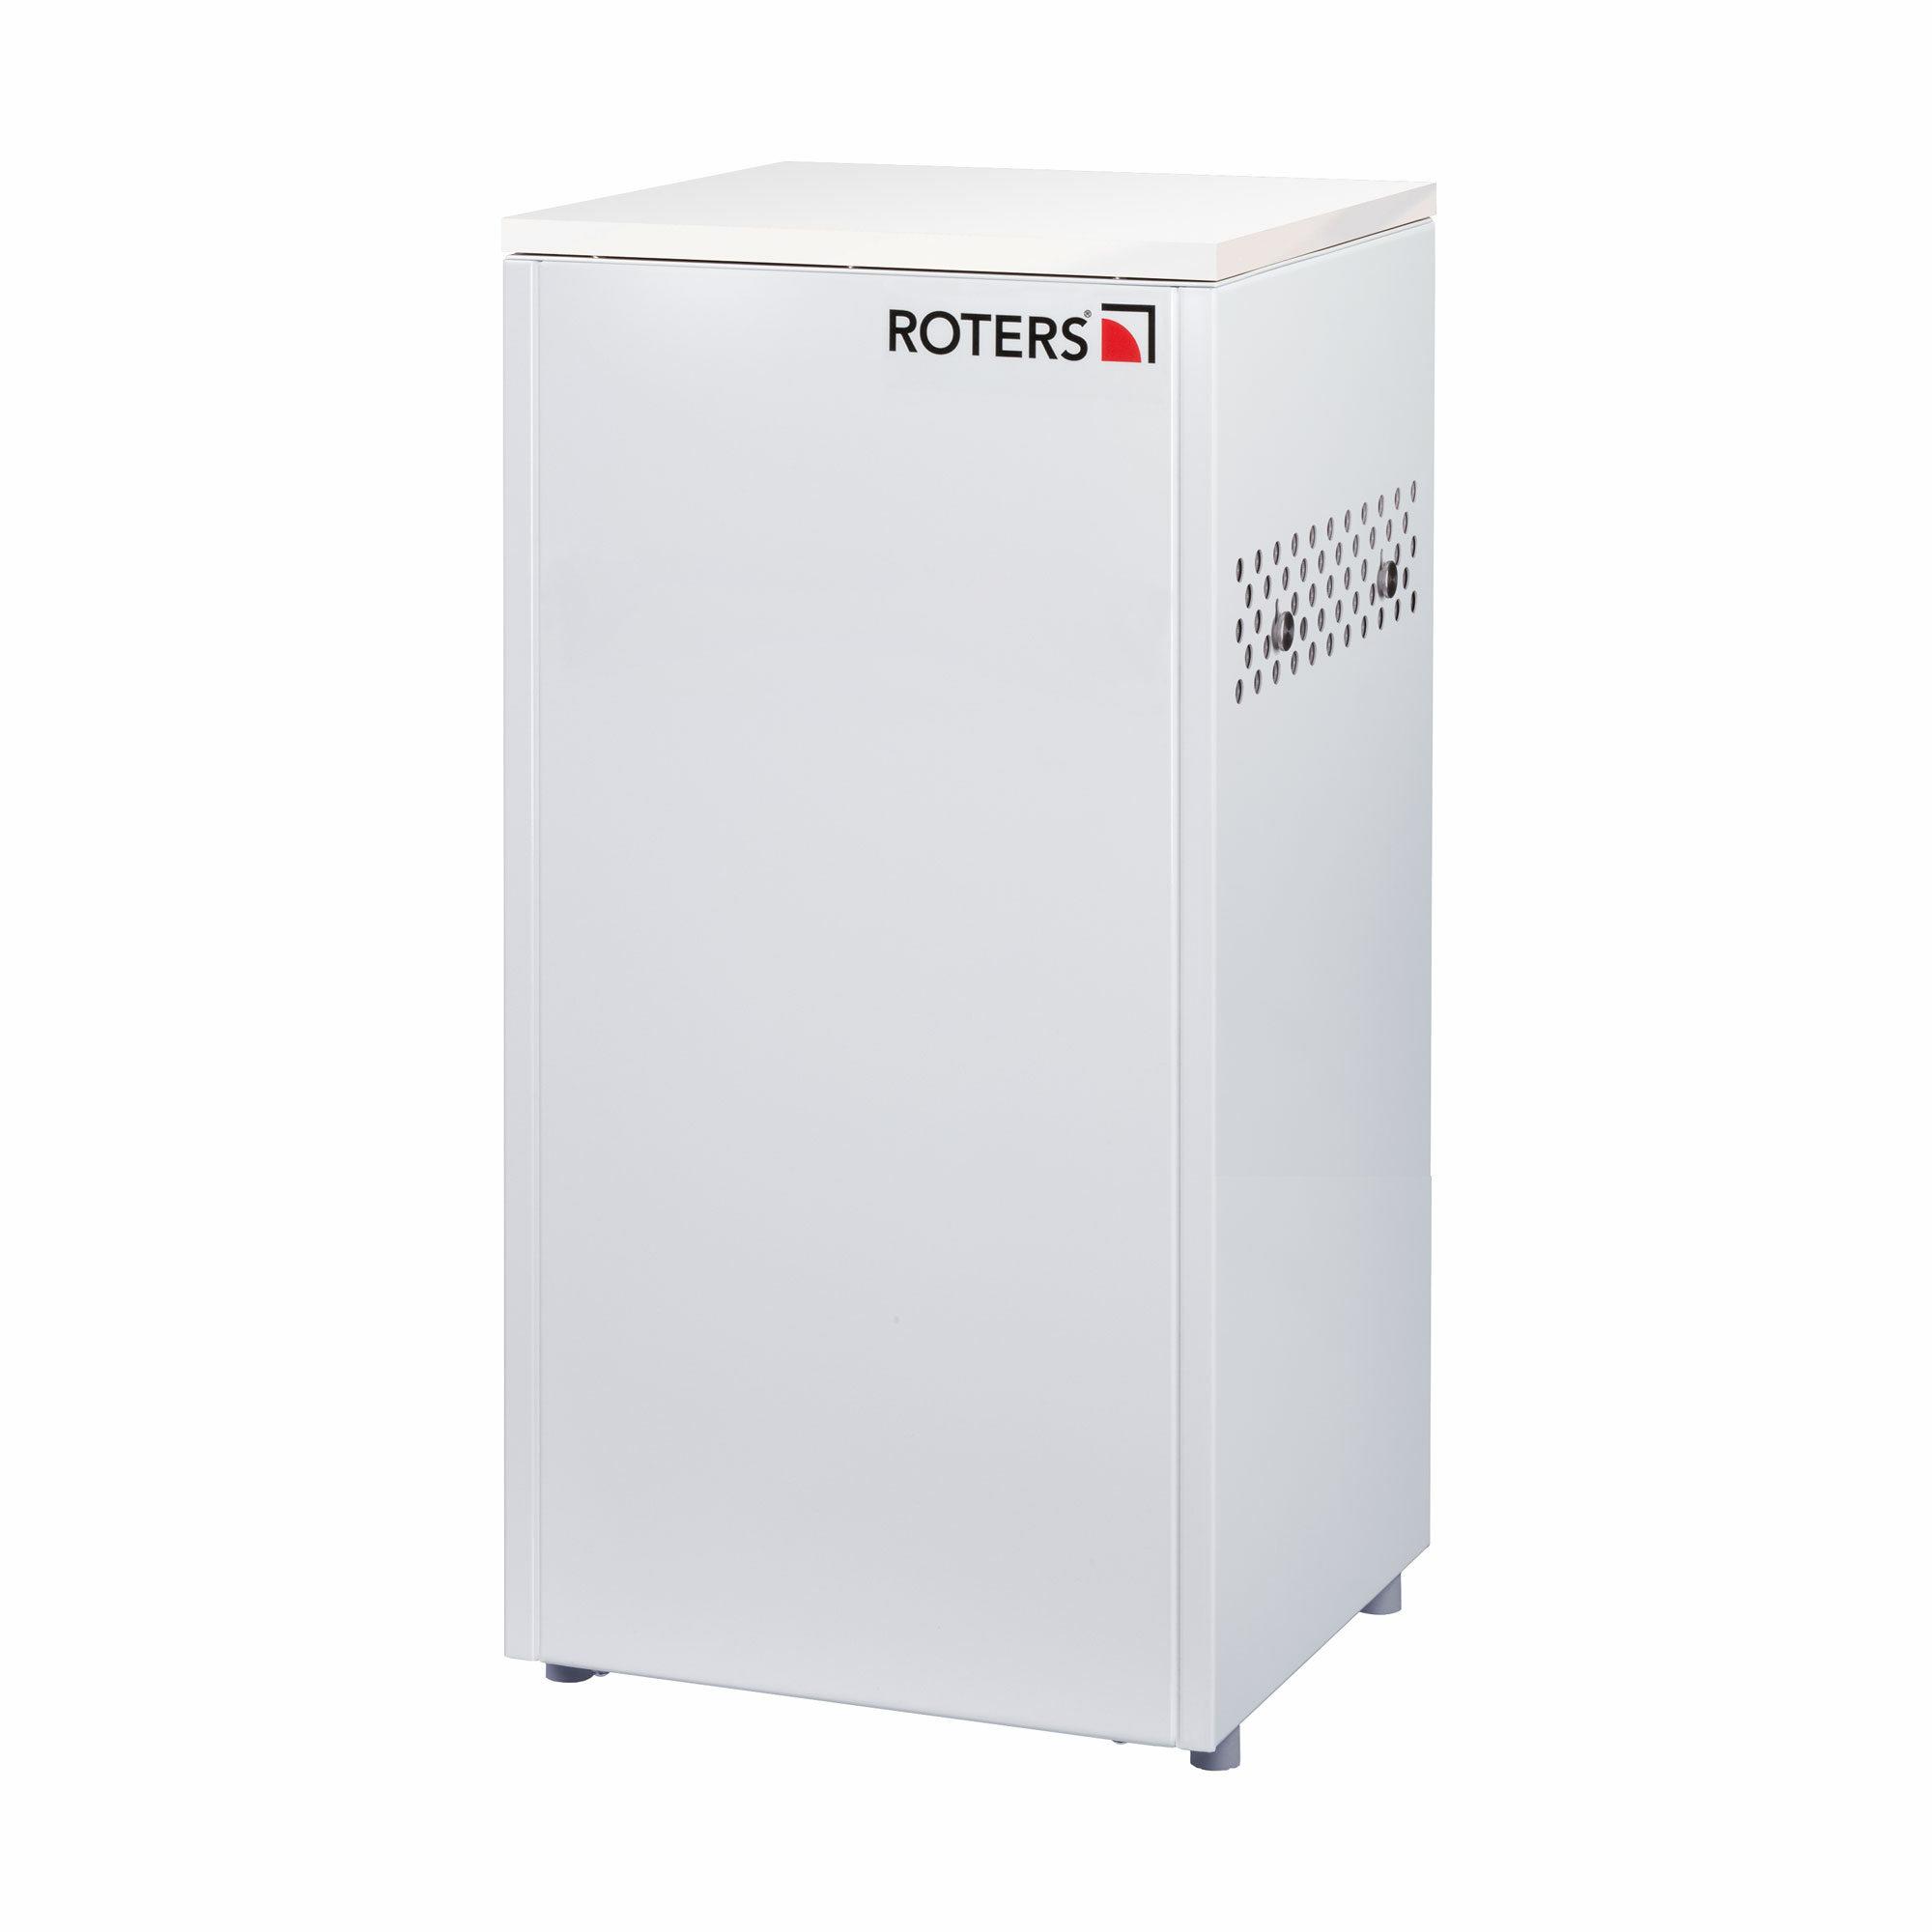 Roters - Luftreiniger XG 820 Design Weiß H14 - Luftreiniger mit Vorfilter und Hepafilter H14 - Bild 01